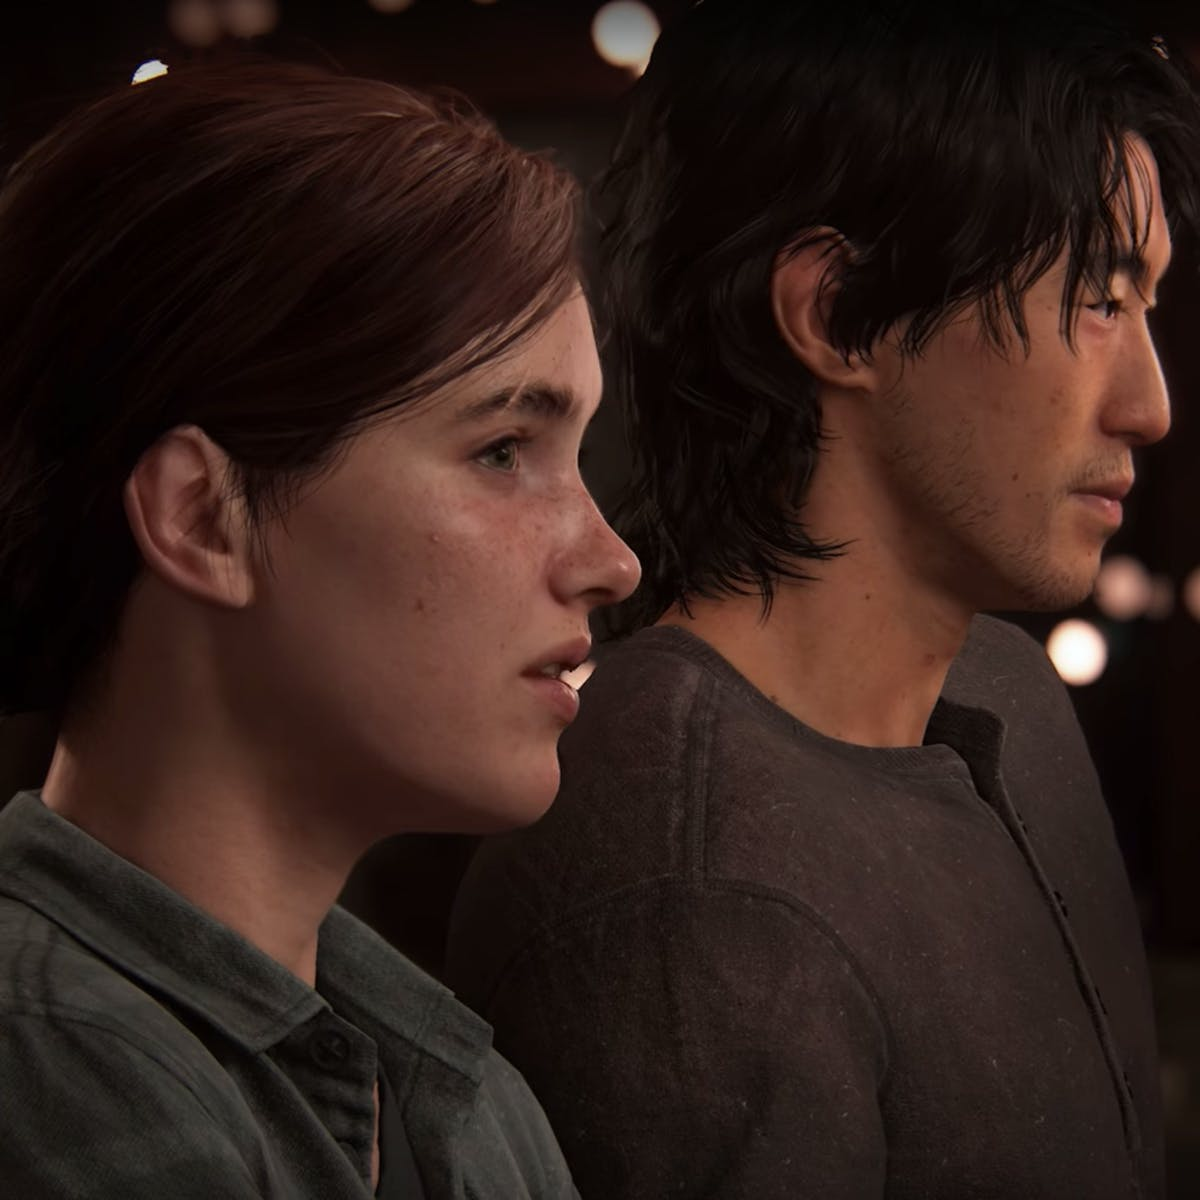 Last of Us 2: Release Date and Gameplay Teased by Juicy Reddit Rumor